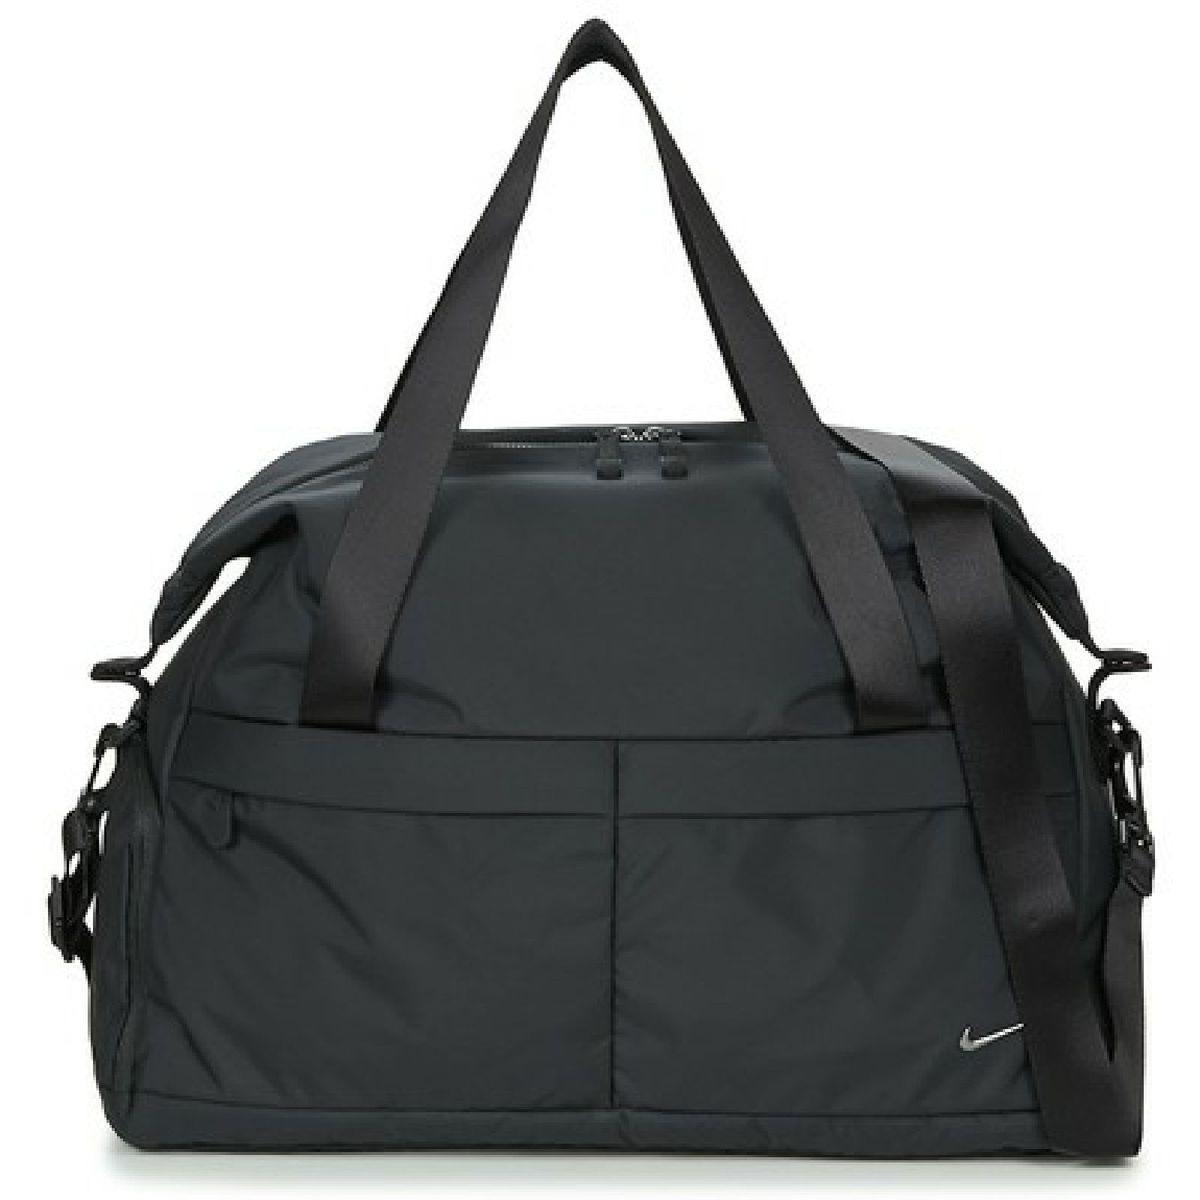 Cerdo Contribución Geología  Bolsa para Academia Nike | Moda Esportiva Feminina Nike Usado 43165998 |  enjoei